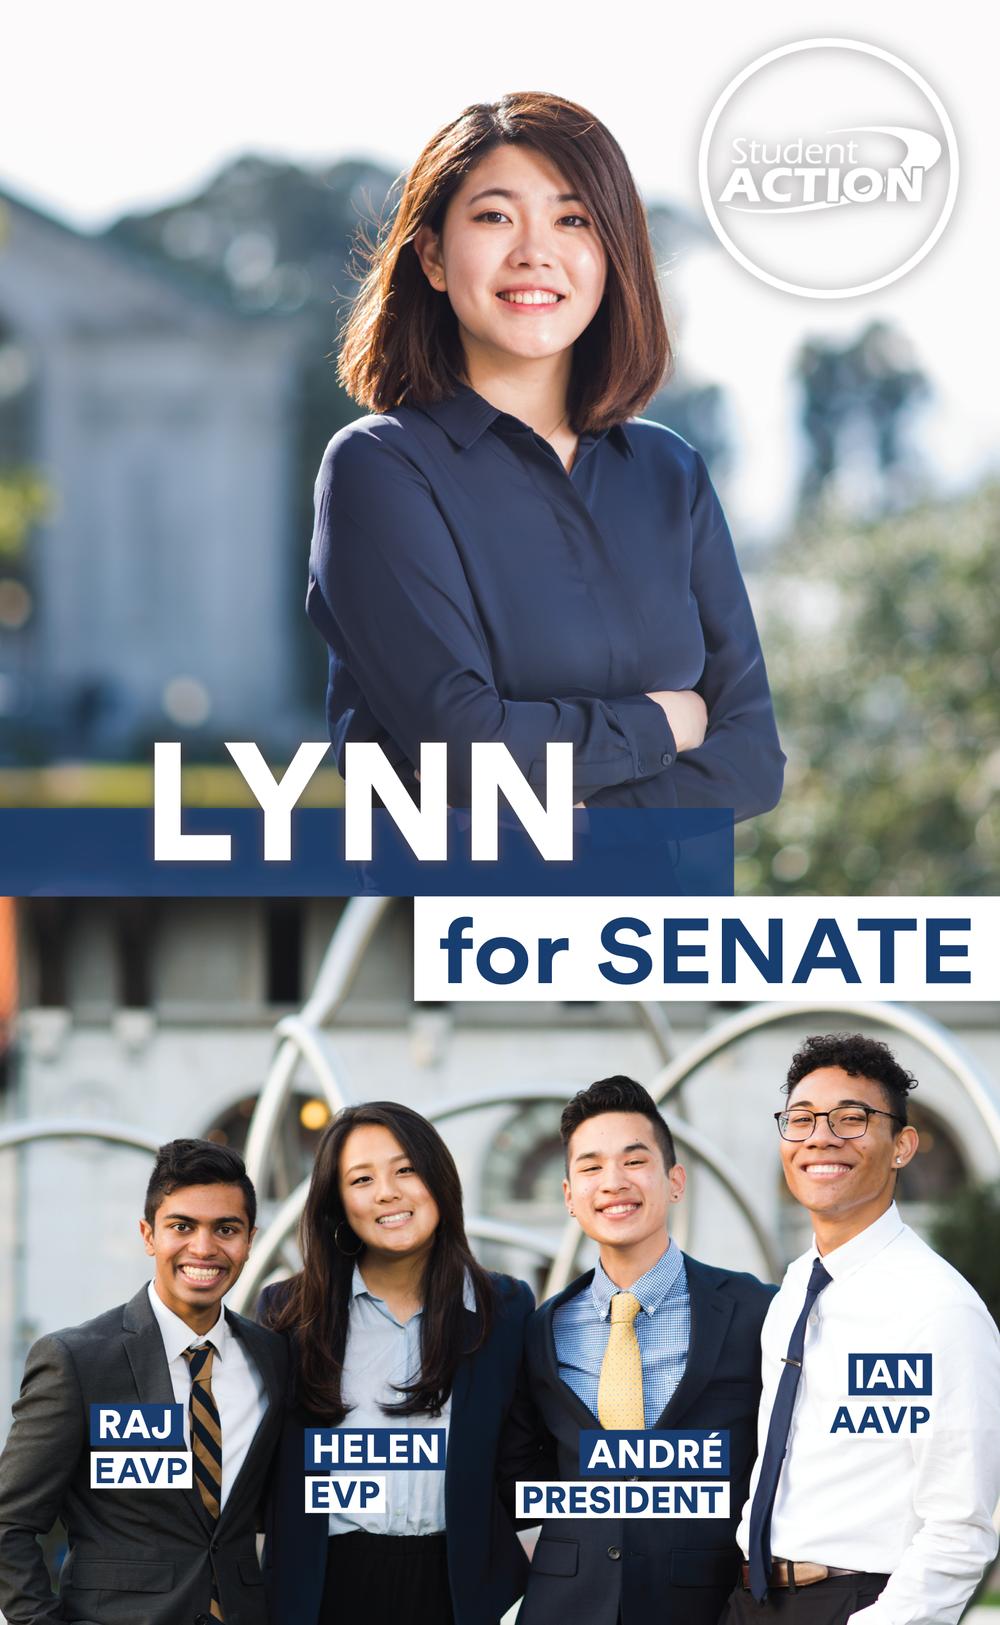 lynn-profile-pic.png